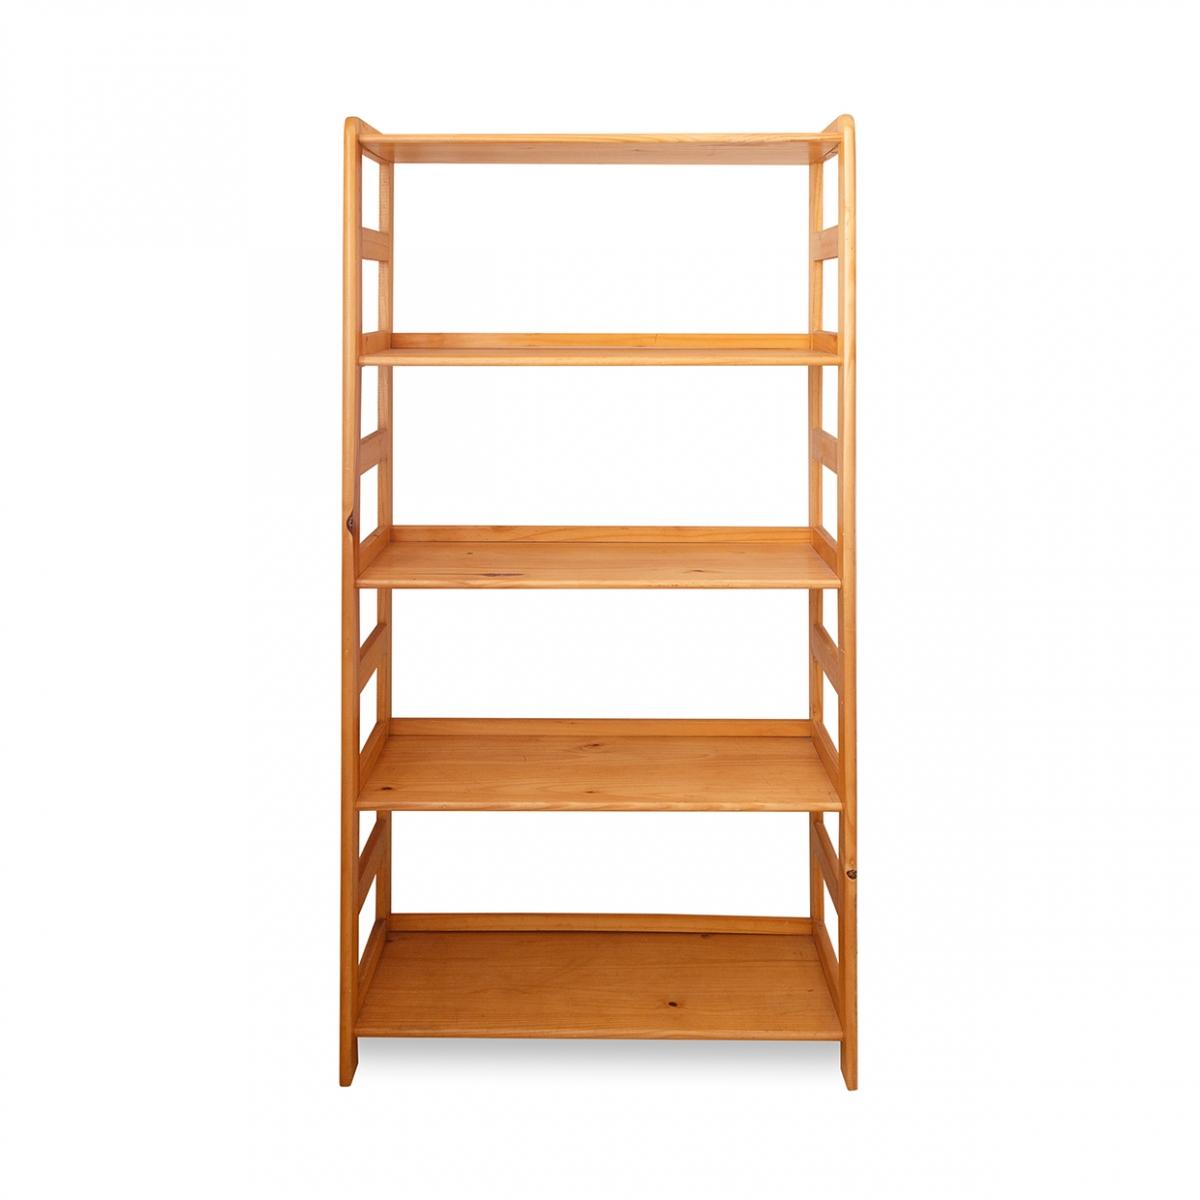 Imagen en la que se ve una estantería de madera con baldas